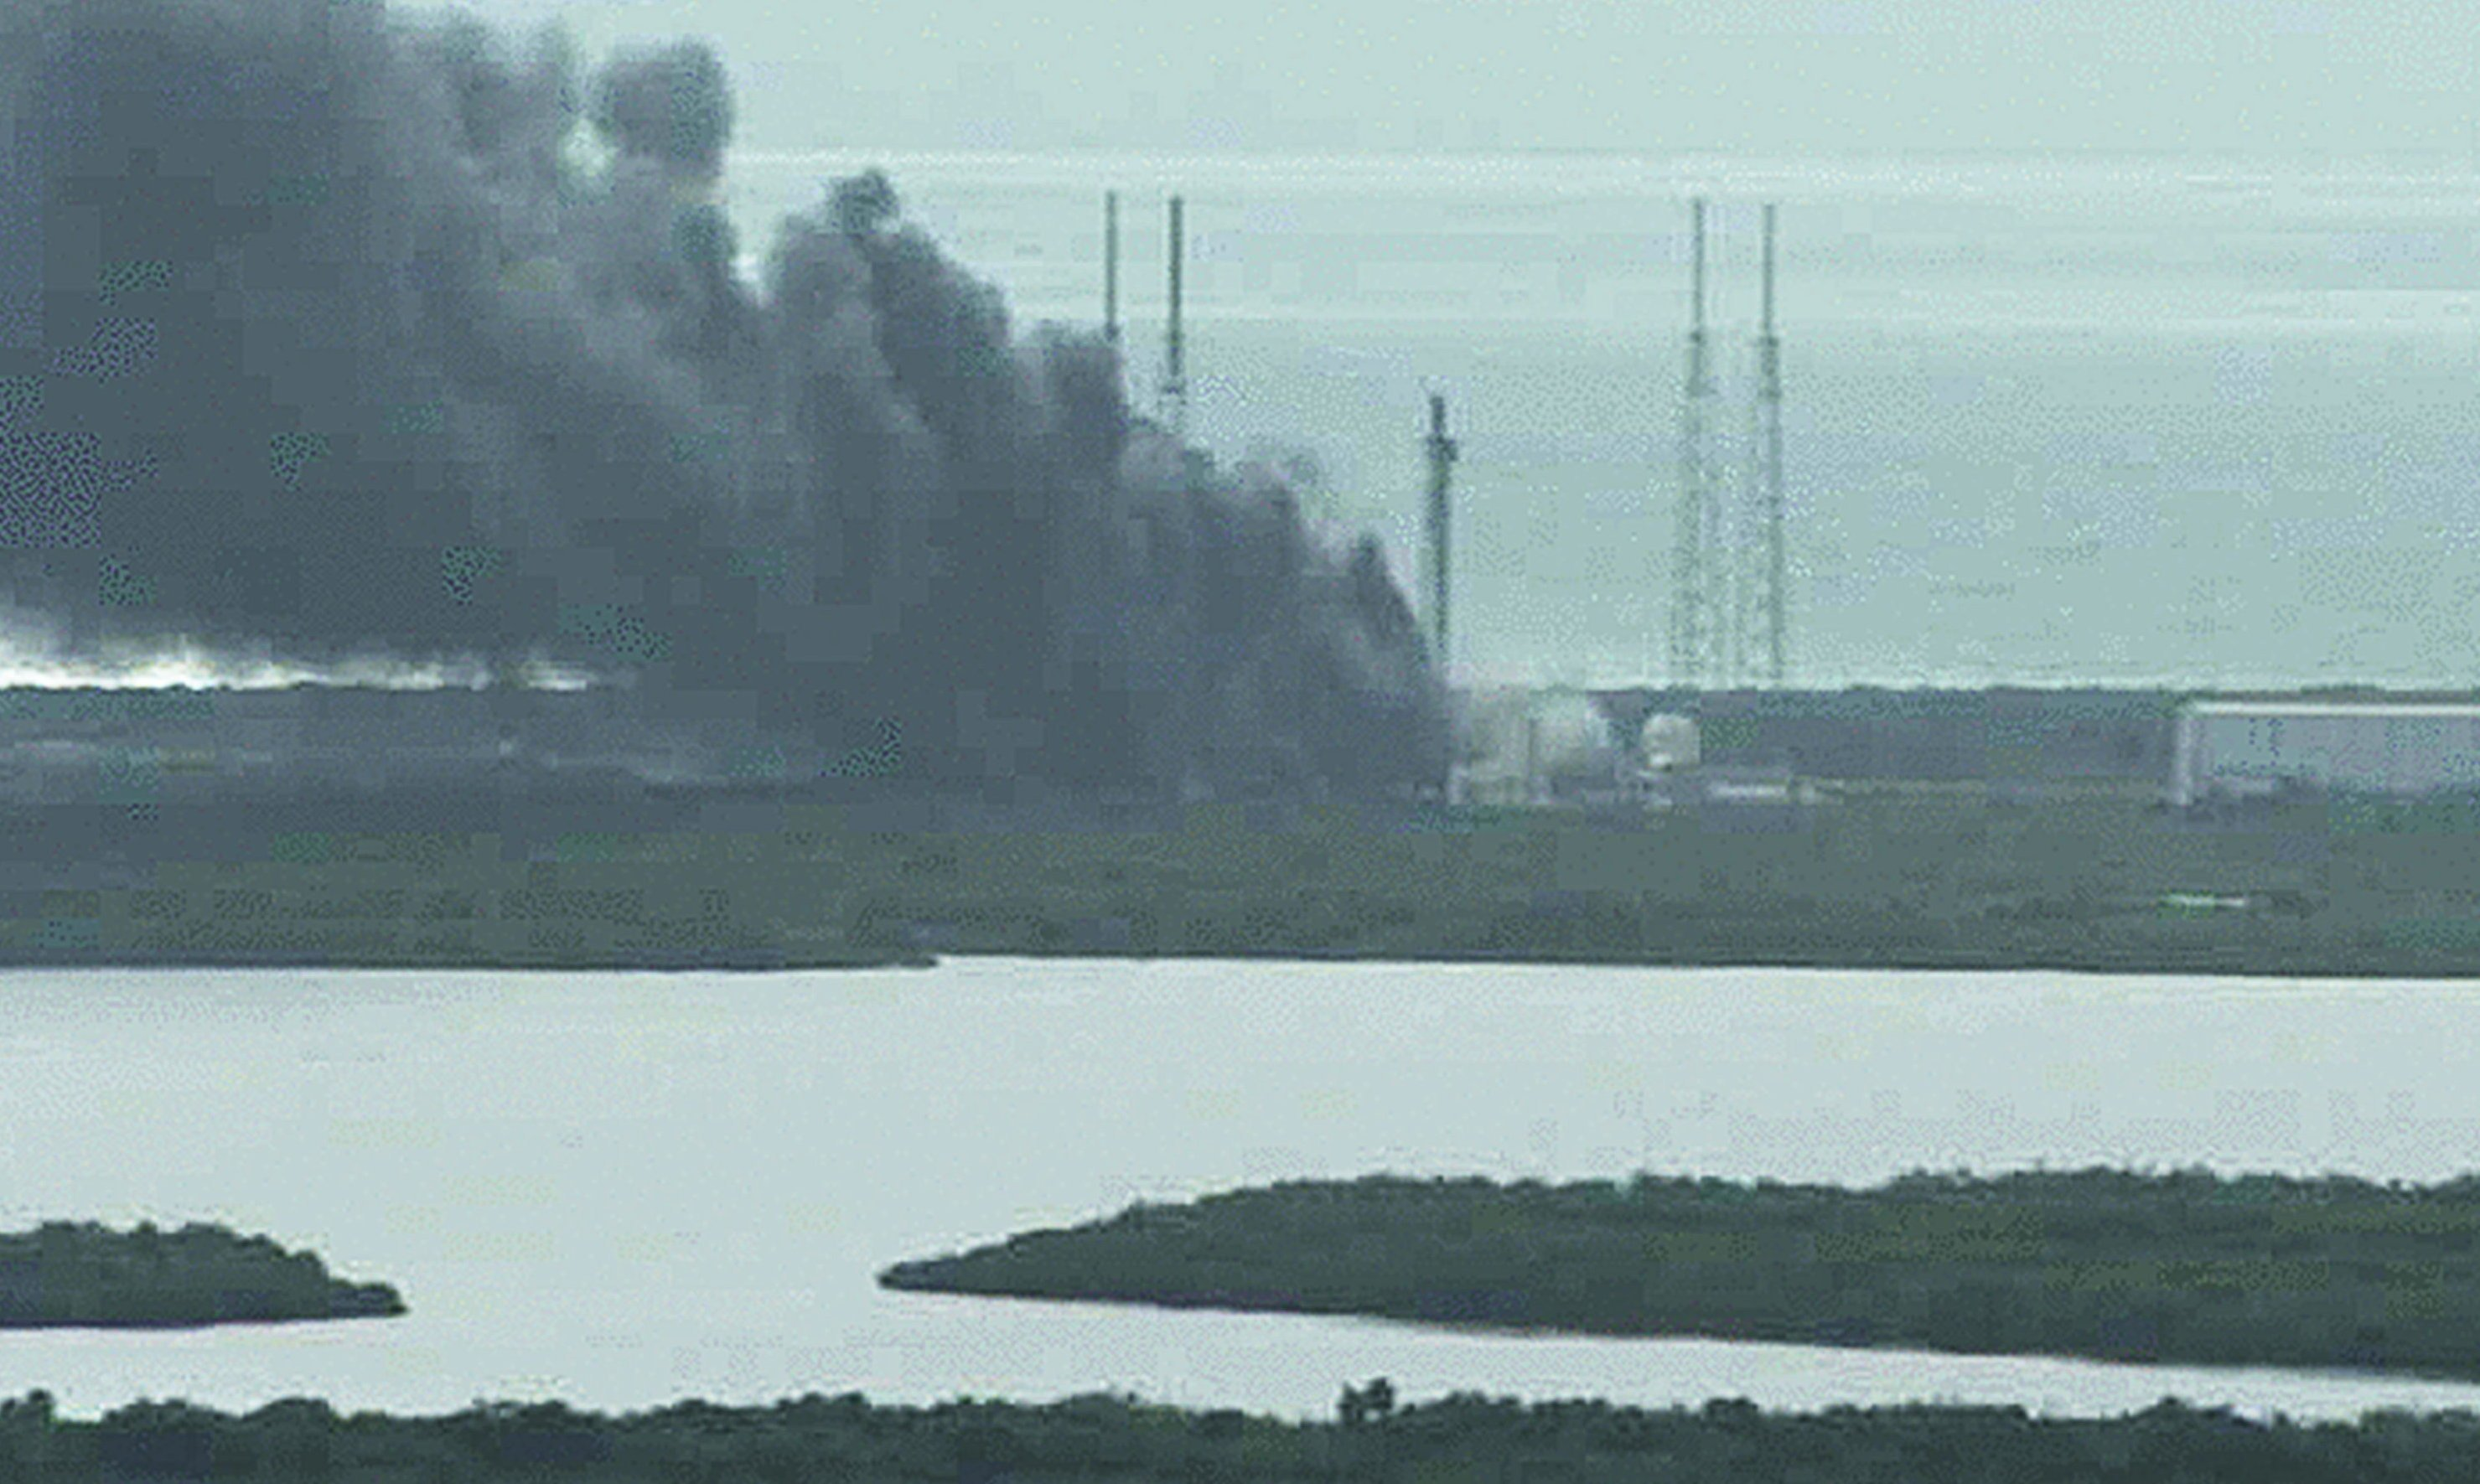 Gewaltige Rauchwolken auf dem US-Raumfahrtbahnhof Cape Canaveral: Die SpaceX-Rakete explodierte am Boden. Verletzt wurde niemand.